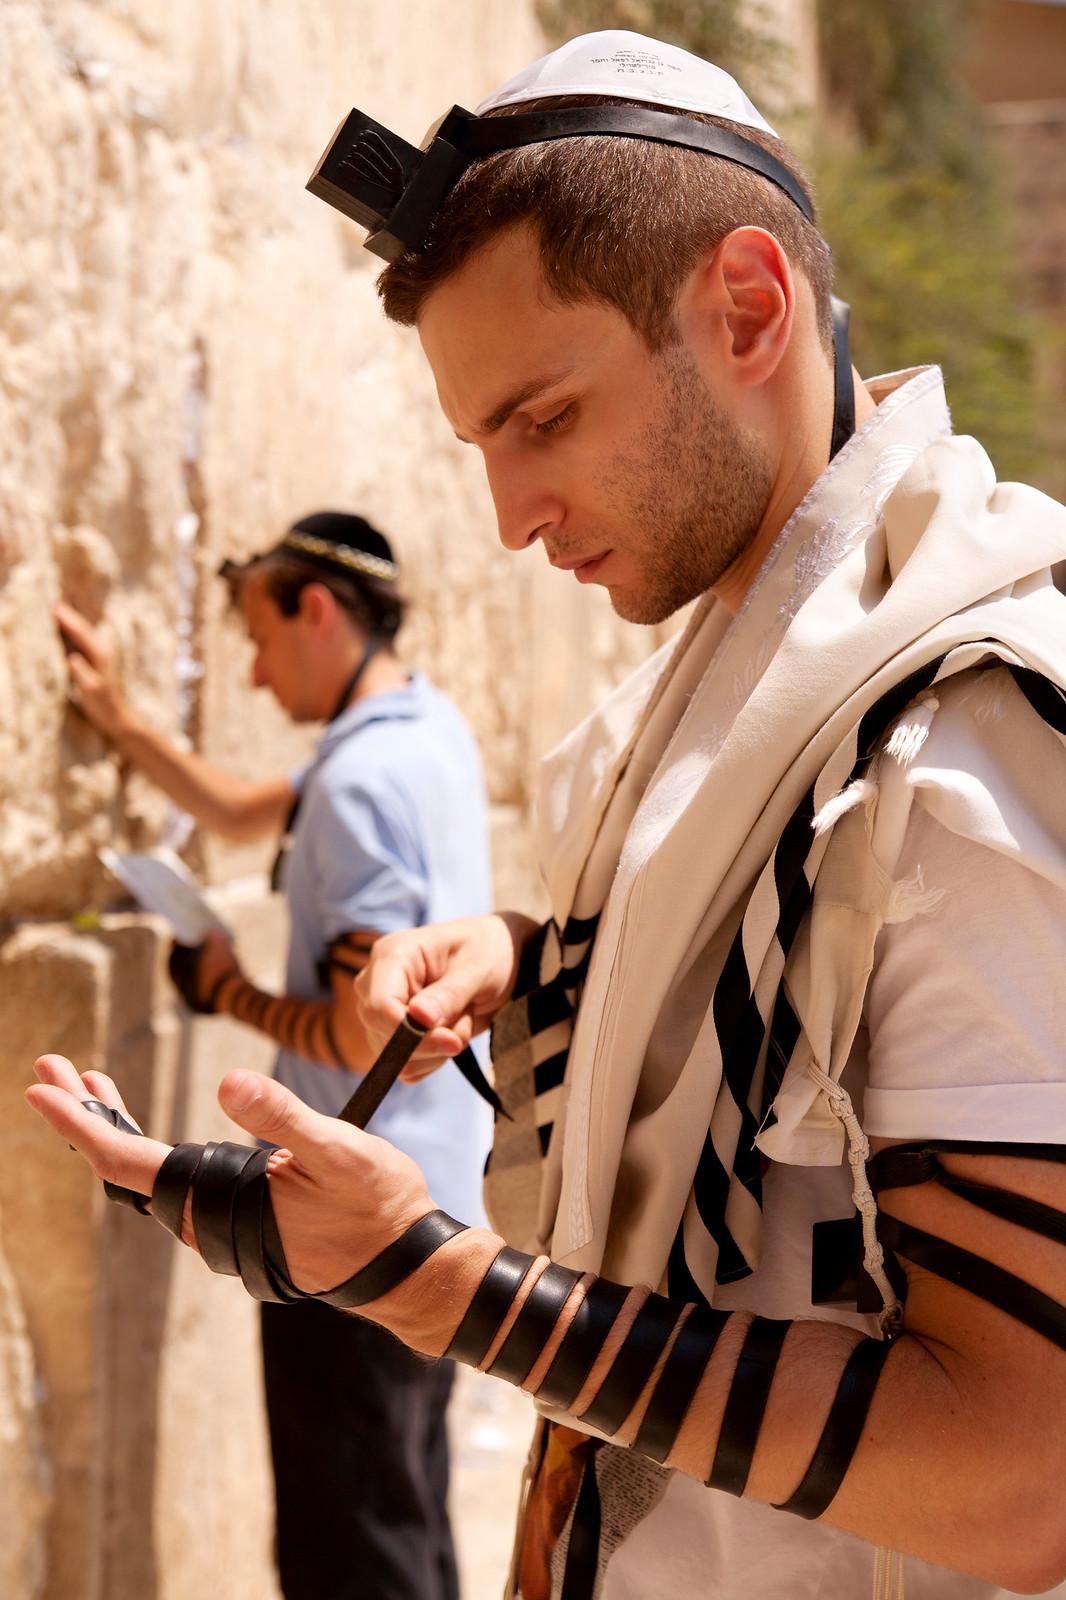 Jersusalem_Western Wall_Tefillin_2_Noam Chen_IMOT